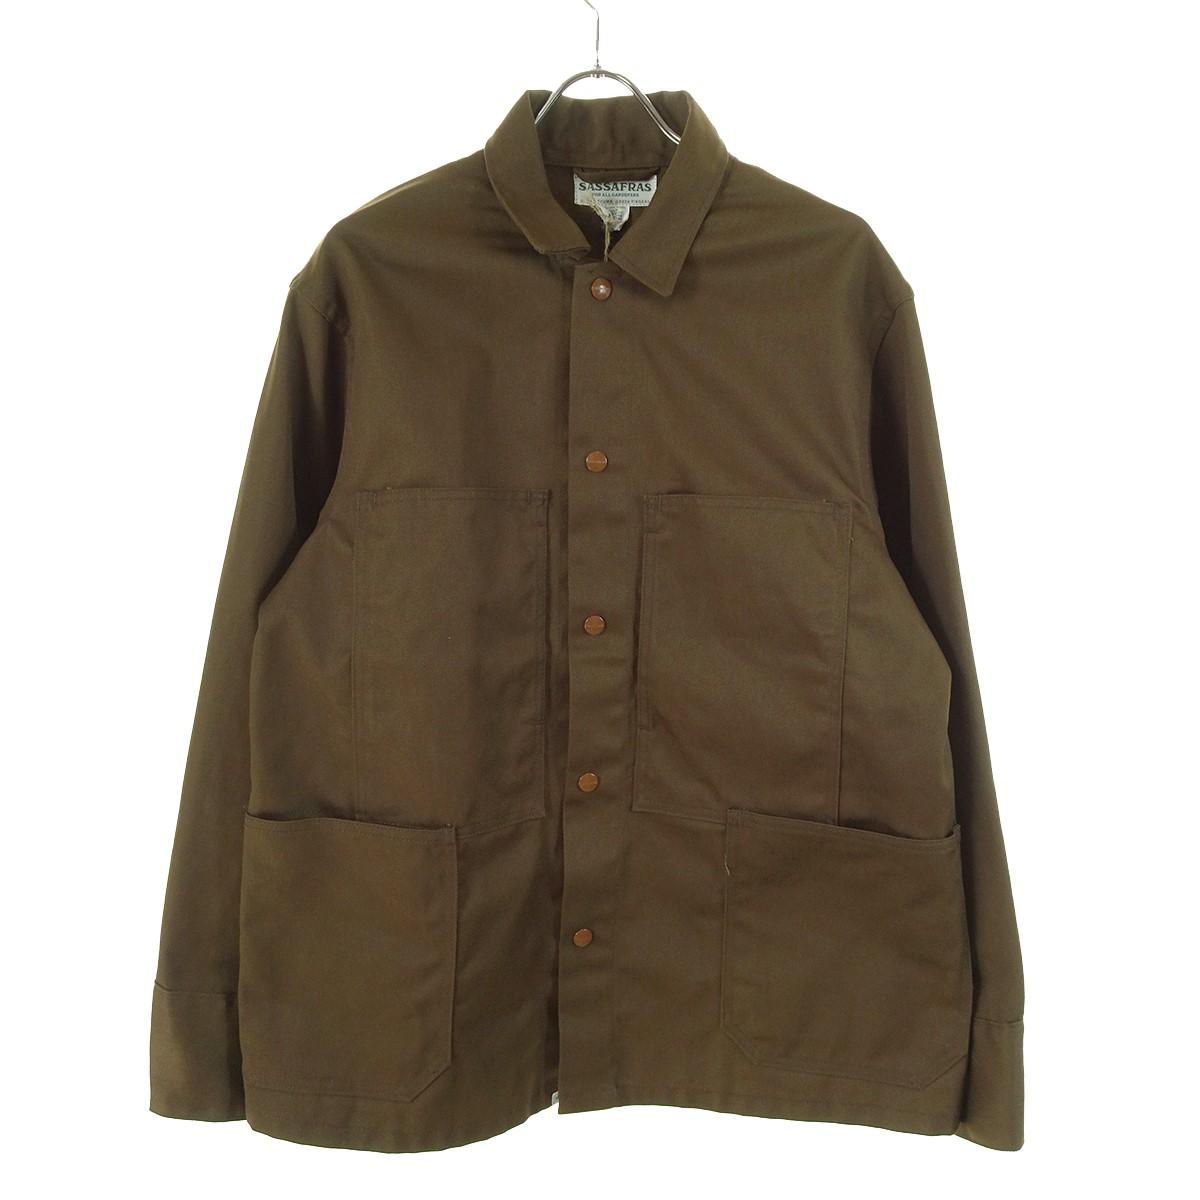 【中古】SASSAFRAS Transplant Jacket 19AW ブラウン サイズ:L 【080220】(ササフラス)